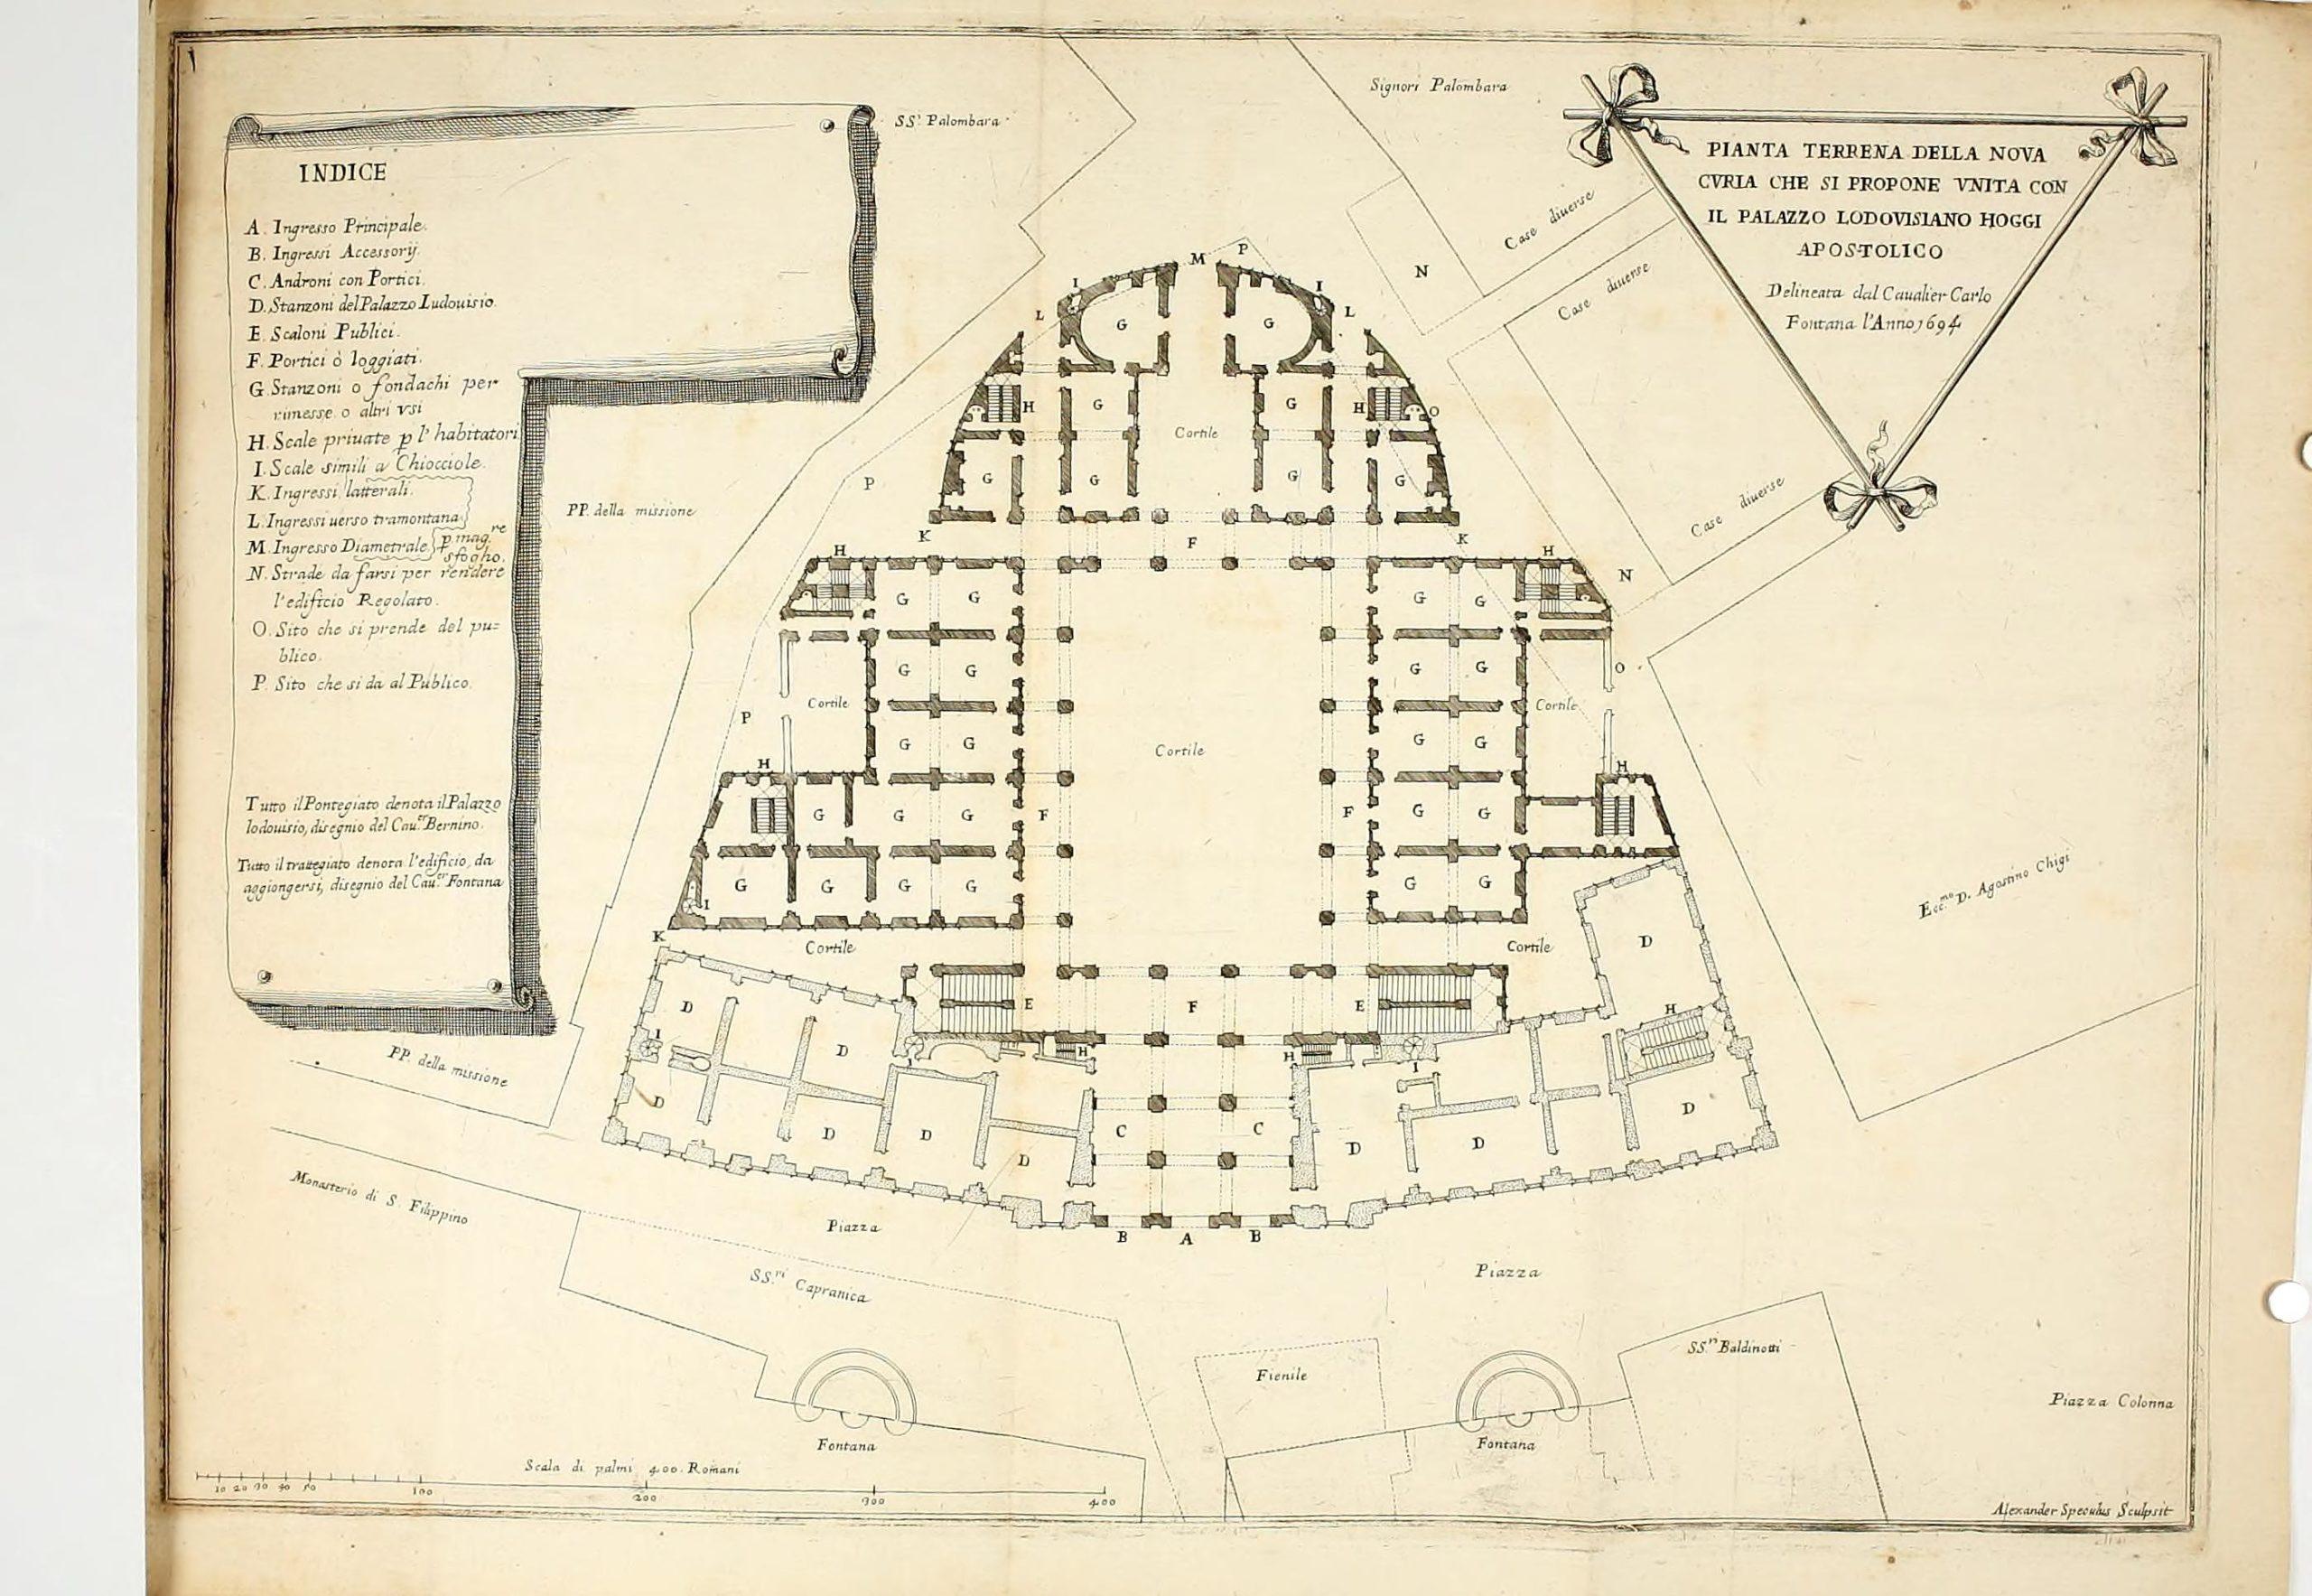 Fontana, Carlo, and Alessandro Specchi. Pianta Terrena della Nova Curia che si Propone Unita con il Palazzo Lodovisiano Hoggi Apostolico, 1694.